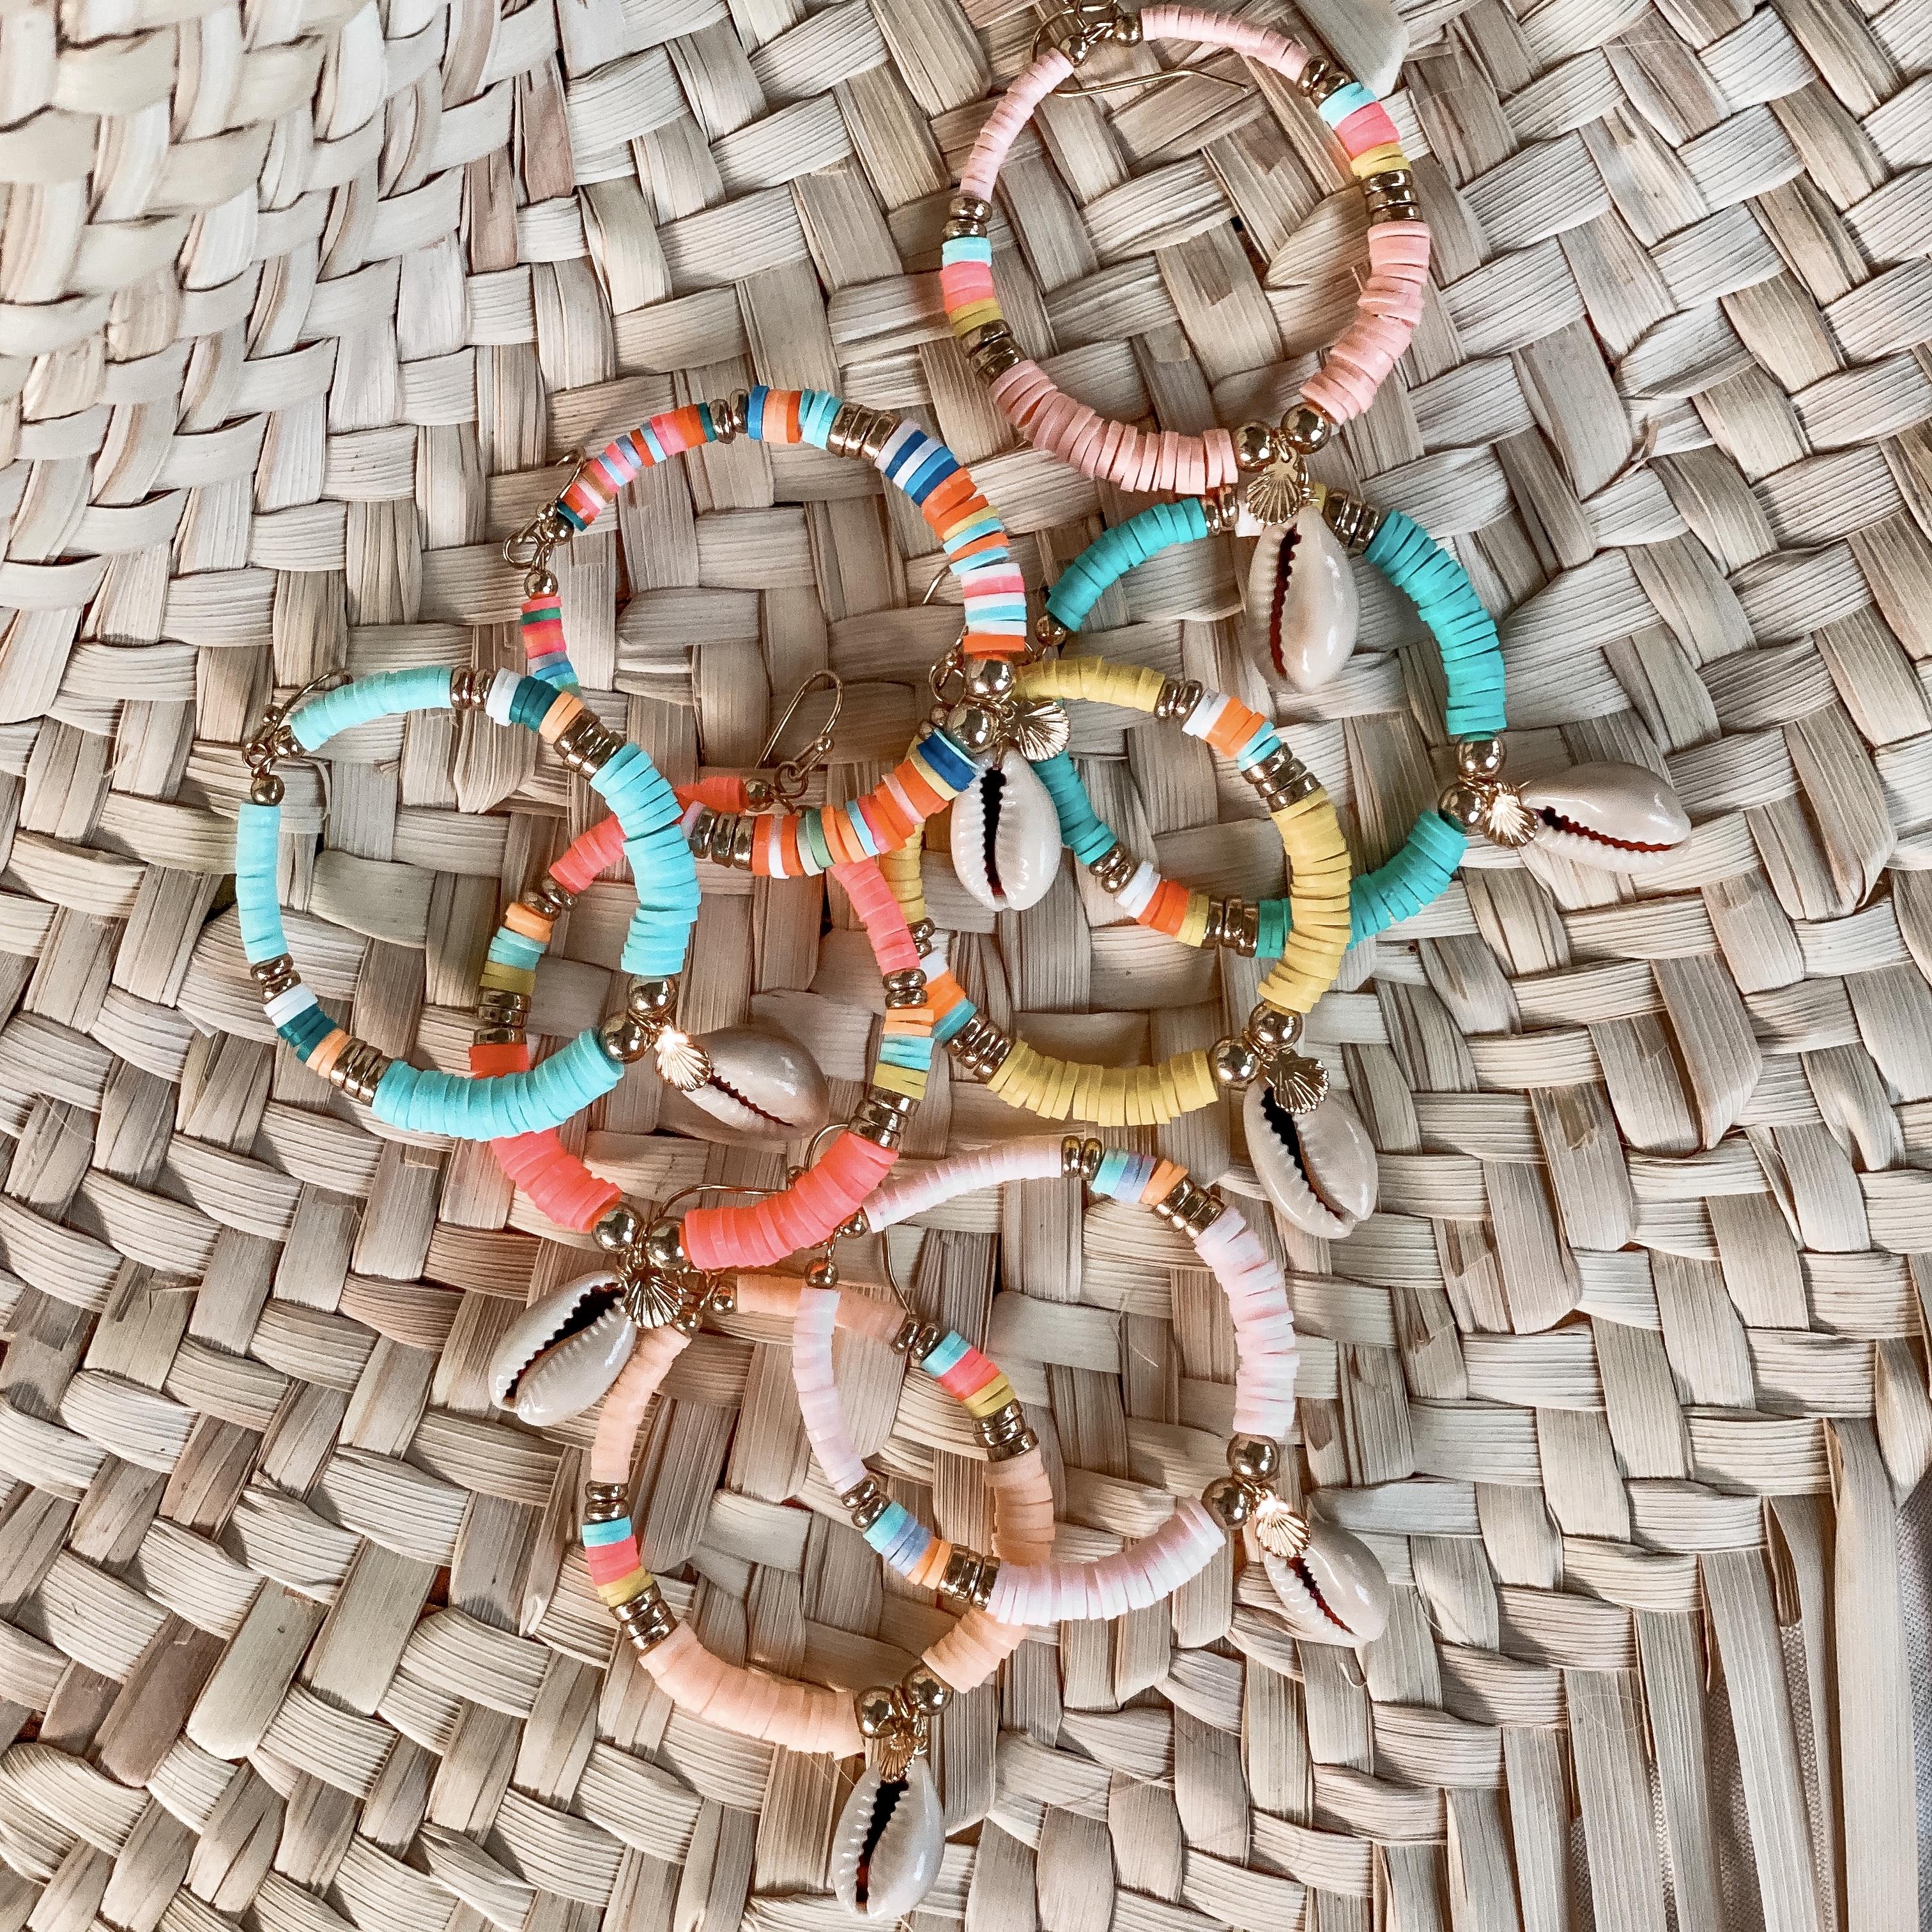 boucles d'oreilles perles heishi Cénélia | boucle d'oreille plage colorée